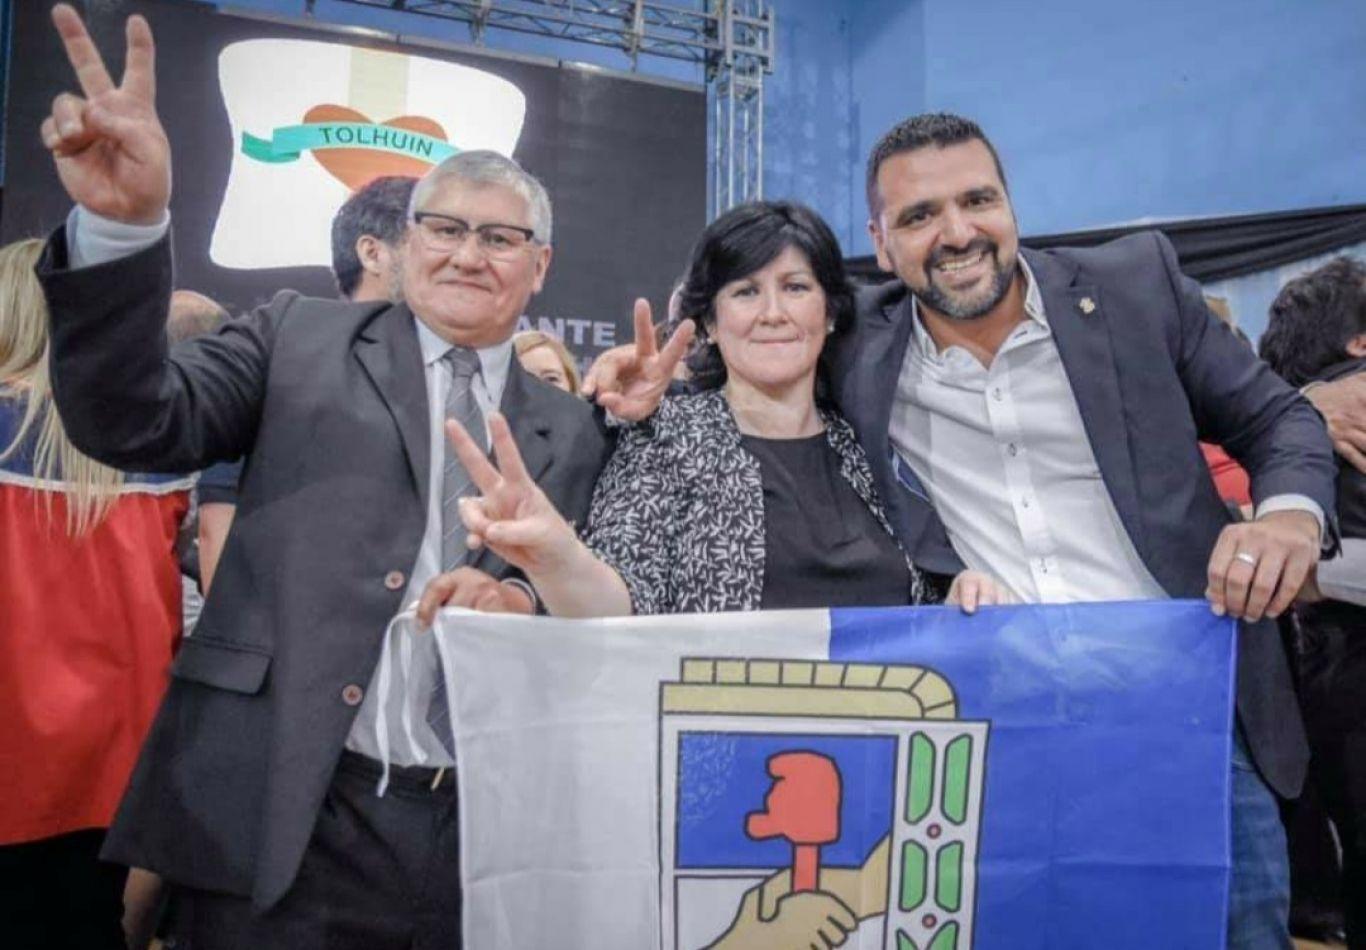 Jeanette Alderete, presidente del Concejo Deliberante de Tolhuin y flamante presidente de la Departamental.